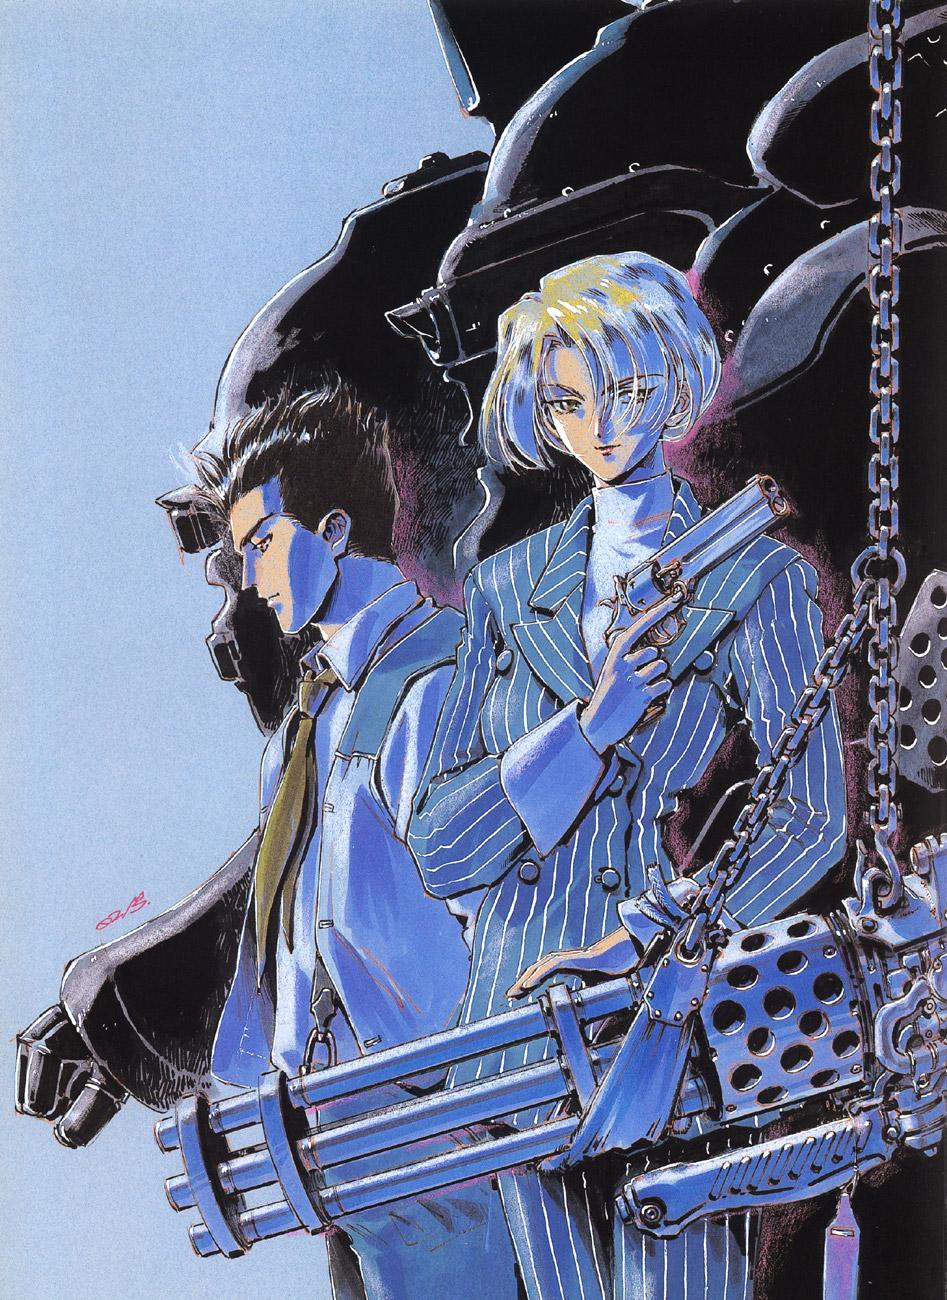 Sakura Wars illustrations: the Origin + Tribute image by Suzuki Masahisa